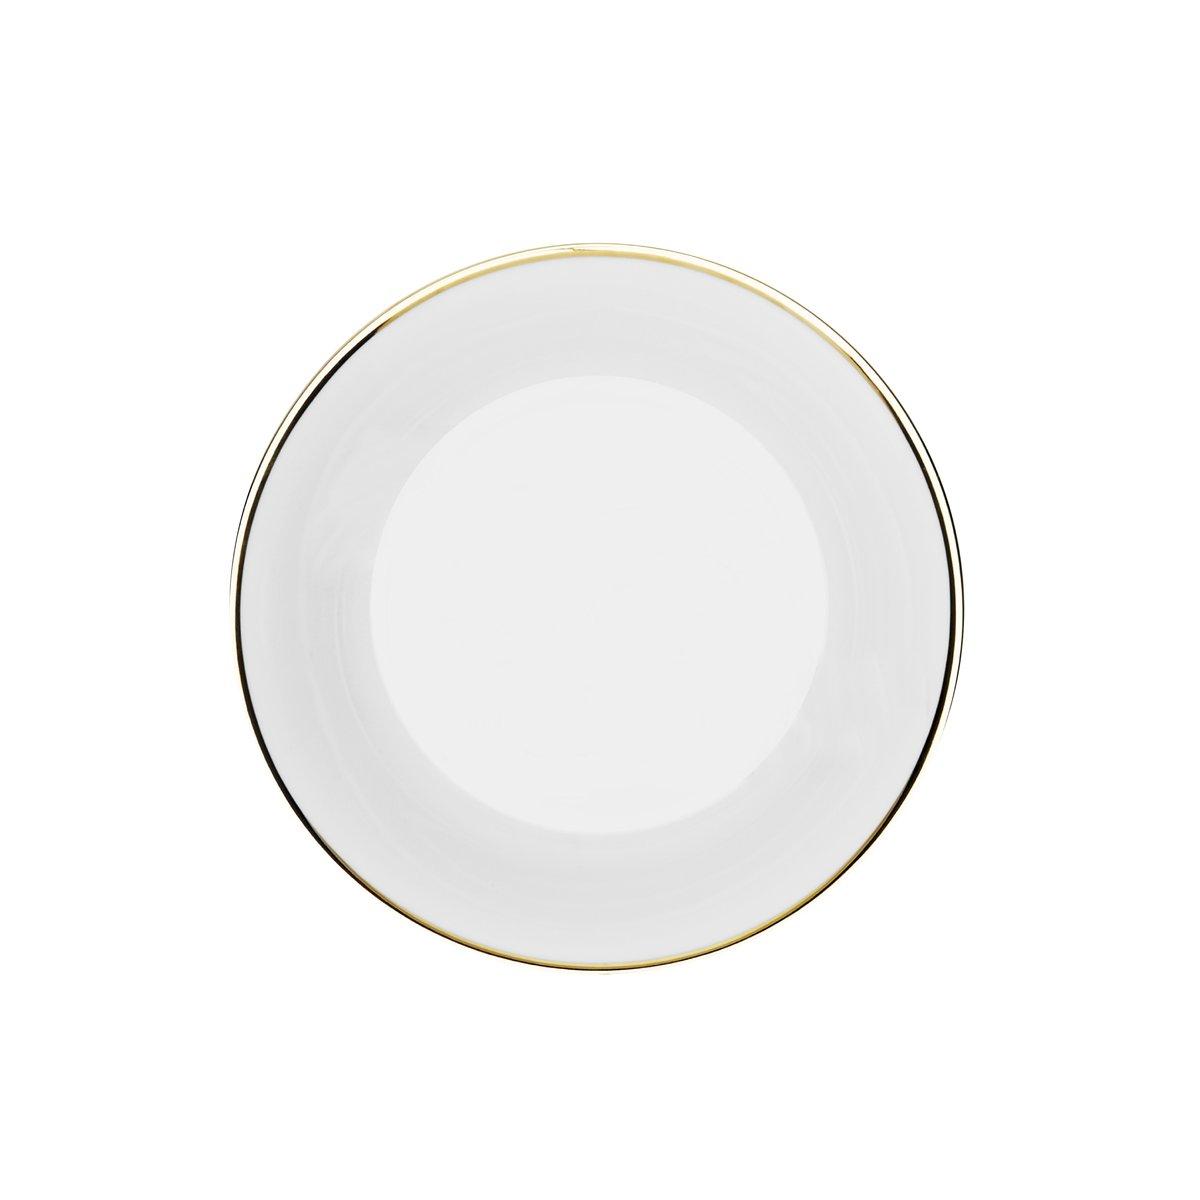 Assiette creuse Porcelaine de Limoges Blanche - Bord doré 19 cm